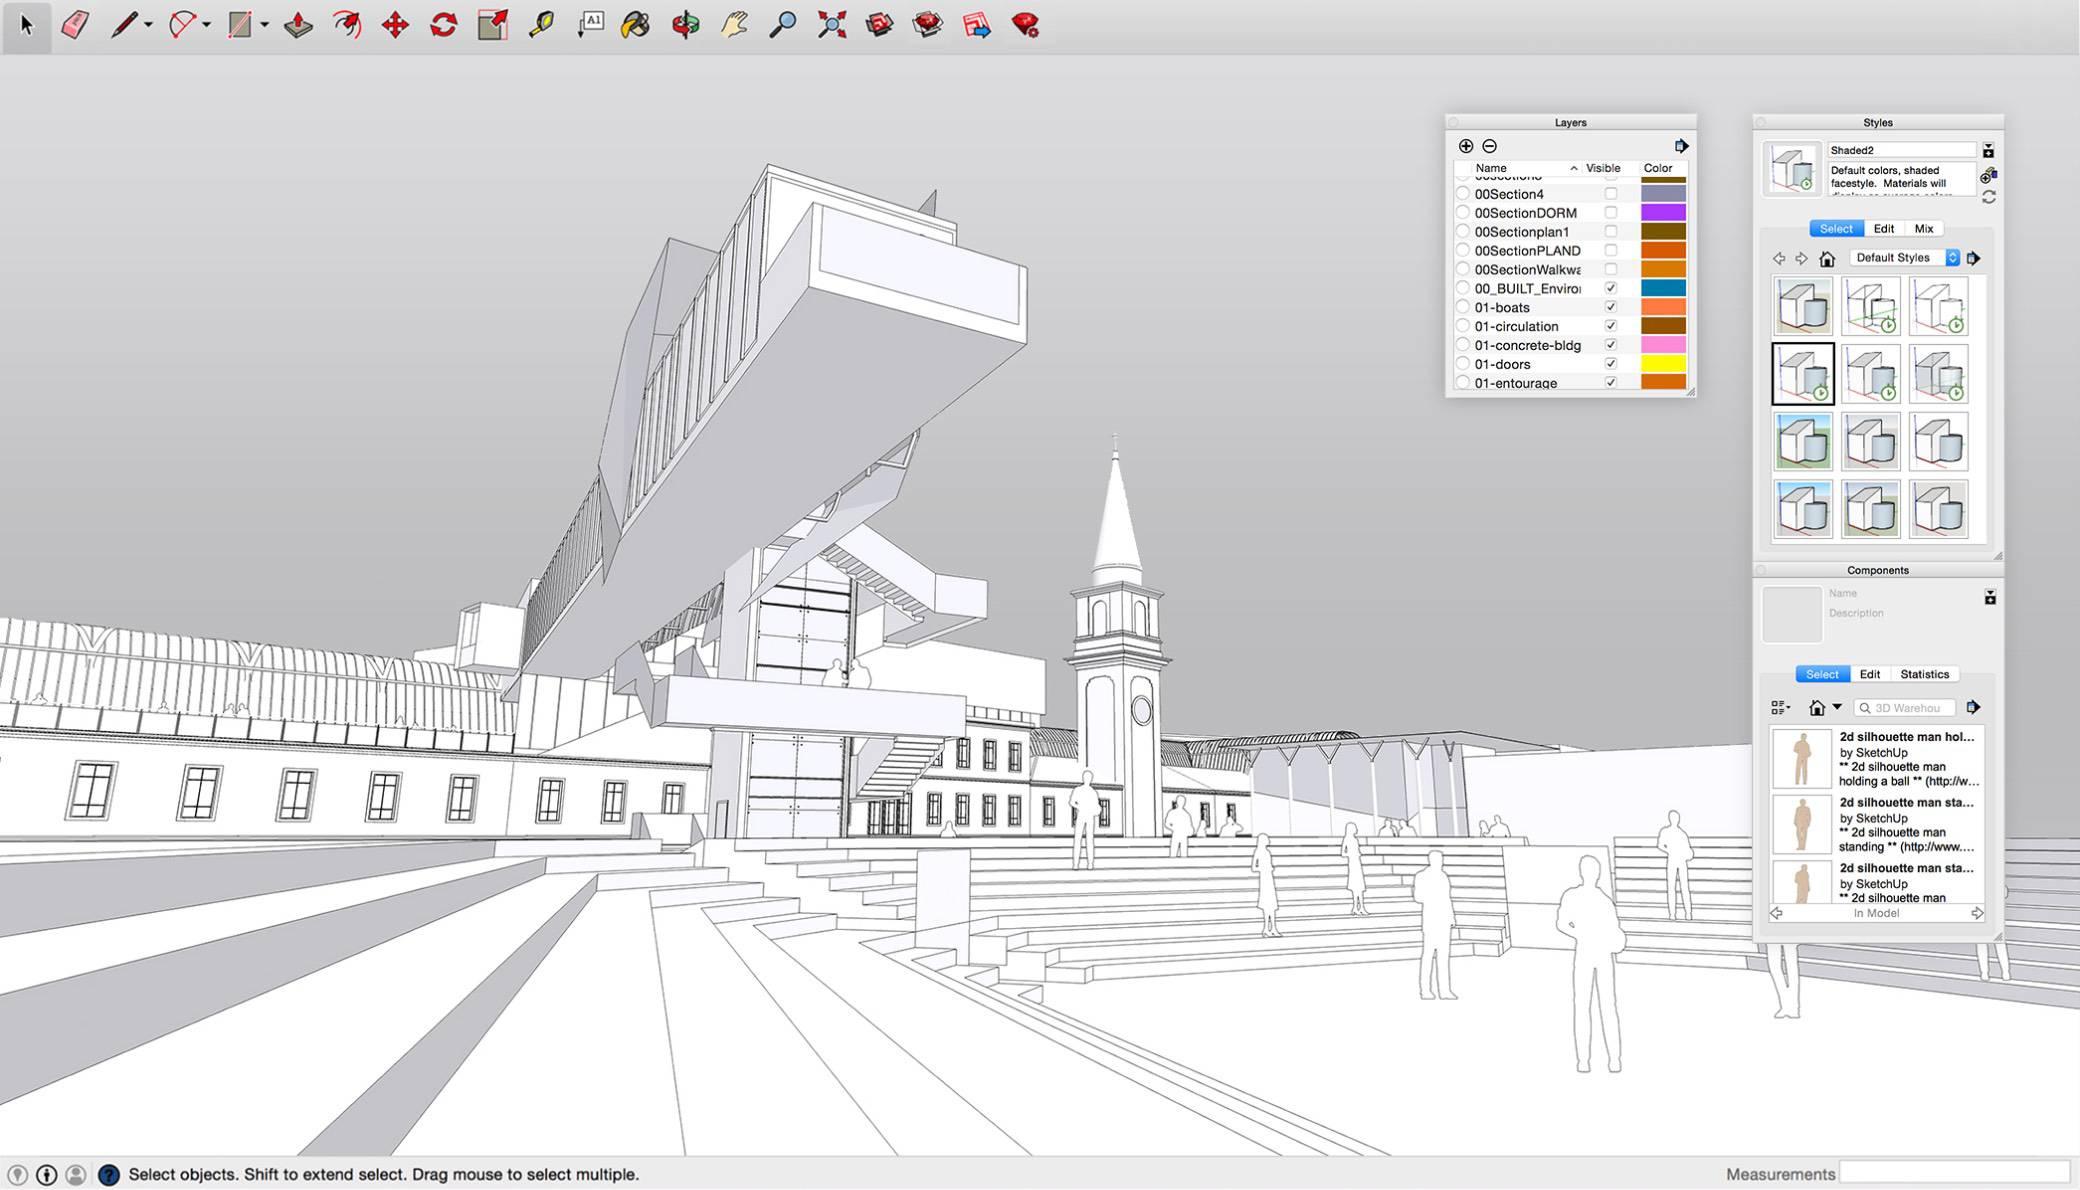 sketchup-pro image